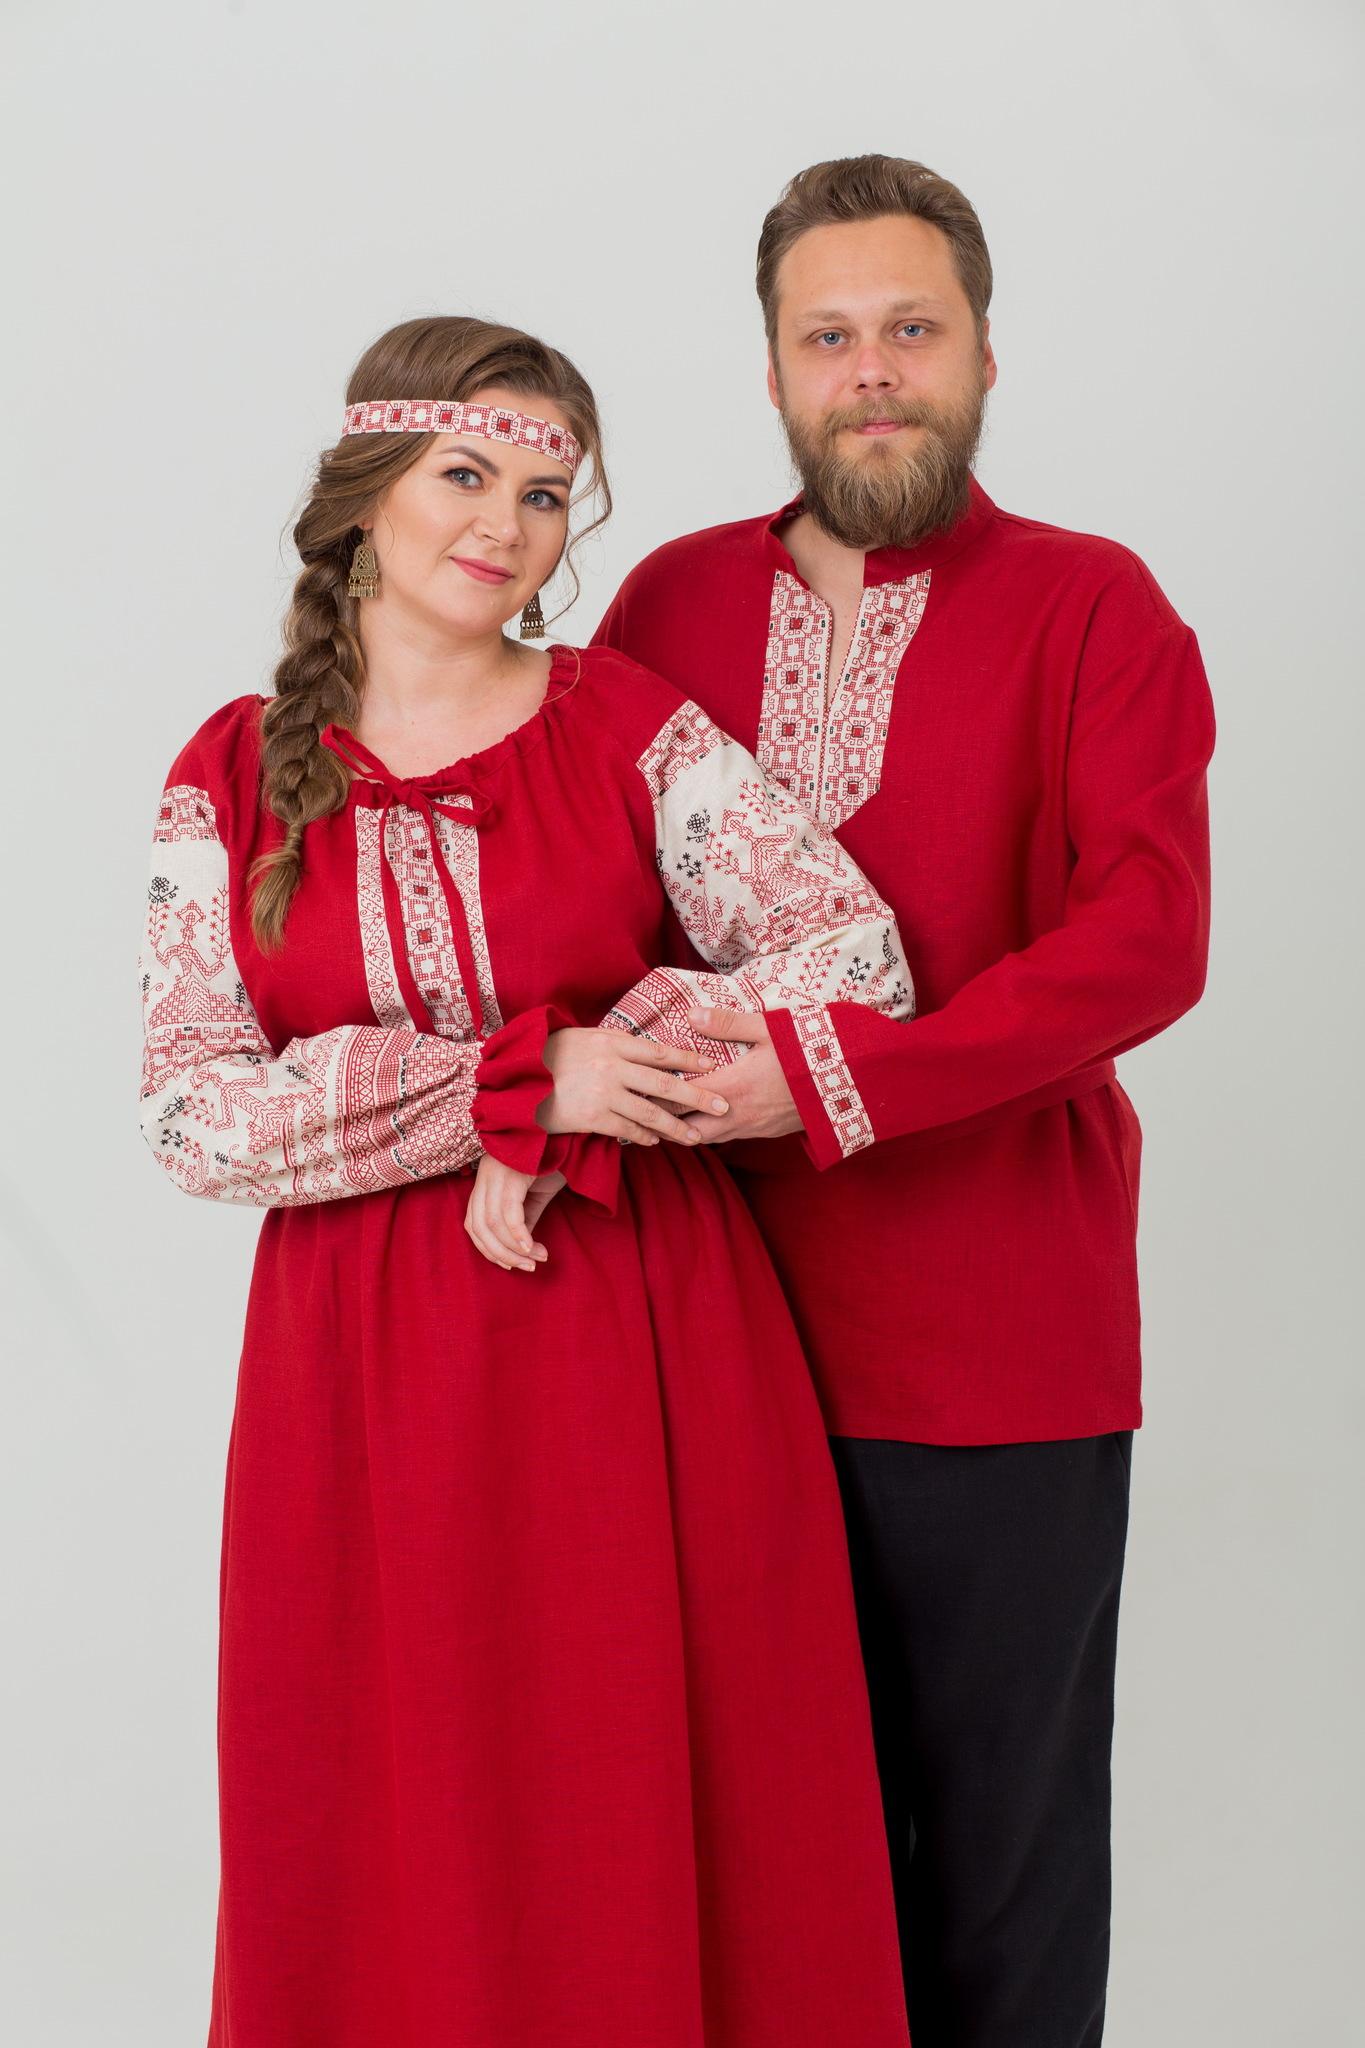 Комплект рубаха и платье Брусничный цвет